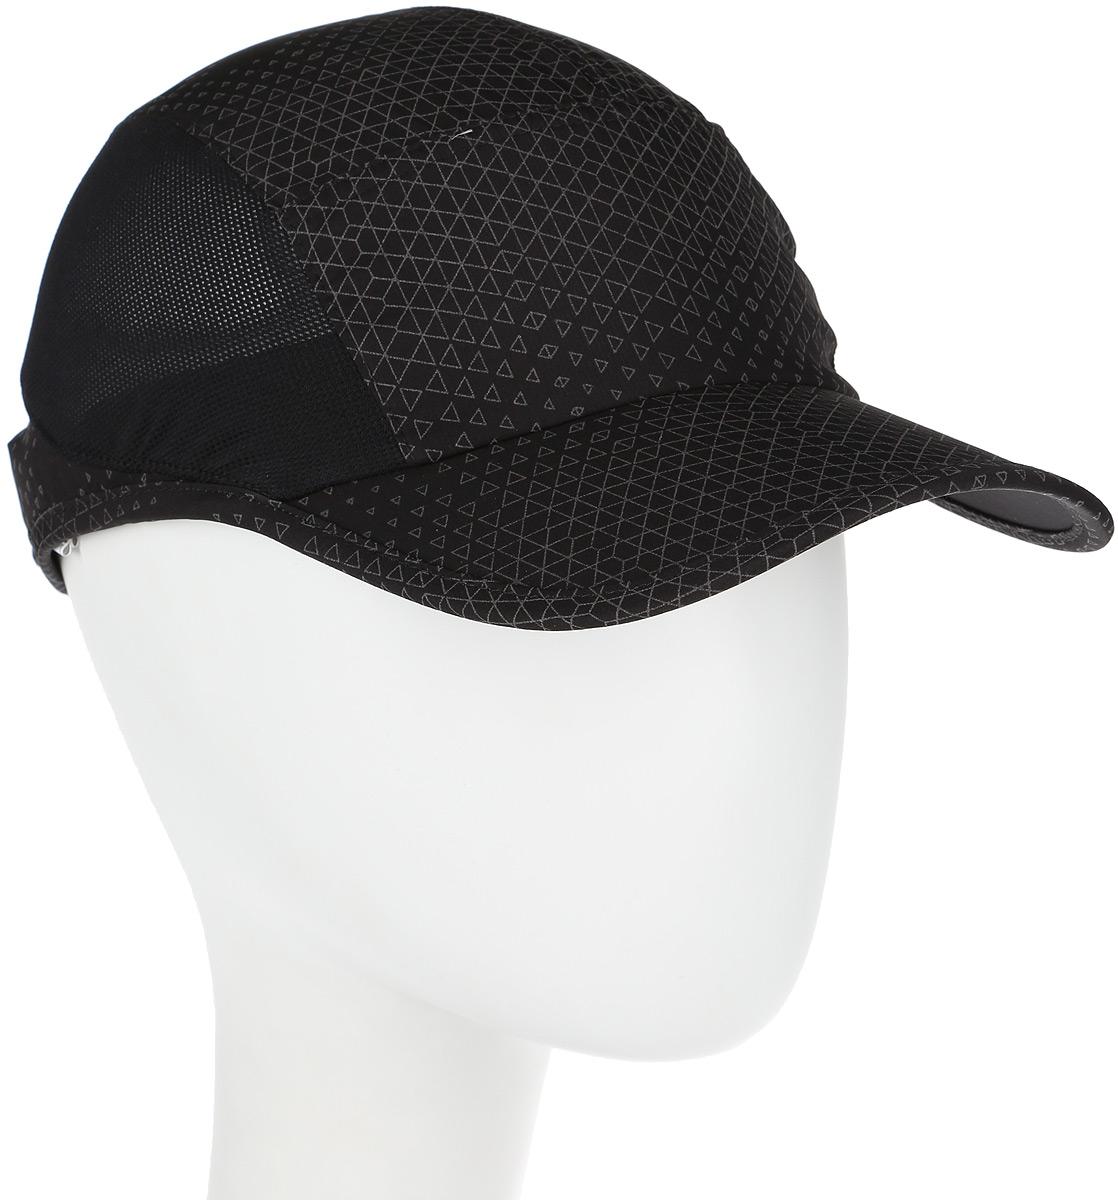 Бейсболка для бега Asics Performance Lyte Cap, цвет: черный. 142210-0904. Размер универсальный142210-0904Стильная бейсболка Asics Performance Lyte Cap выполнена из полиэстера. Такая модель отлично защитит ваши глаза от солнца. Сетчатые вставки и дышащий материал предохраняют голову от перегрева. Бейсболка оформлена фирменным логотипом Asics из светоотражающего материала. Такая бейсболка станет отличным аксессуаром для занятий спортом и активного отдыха.